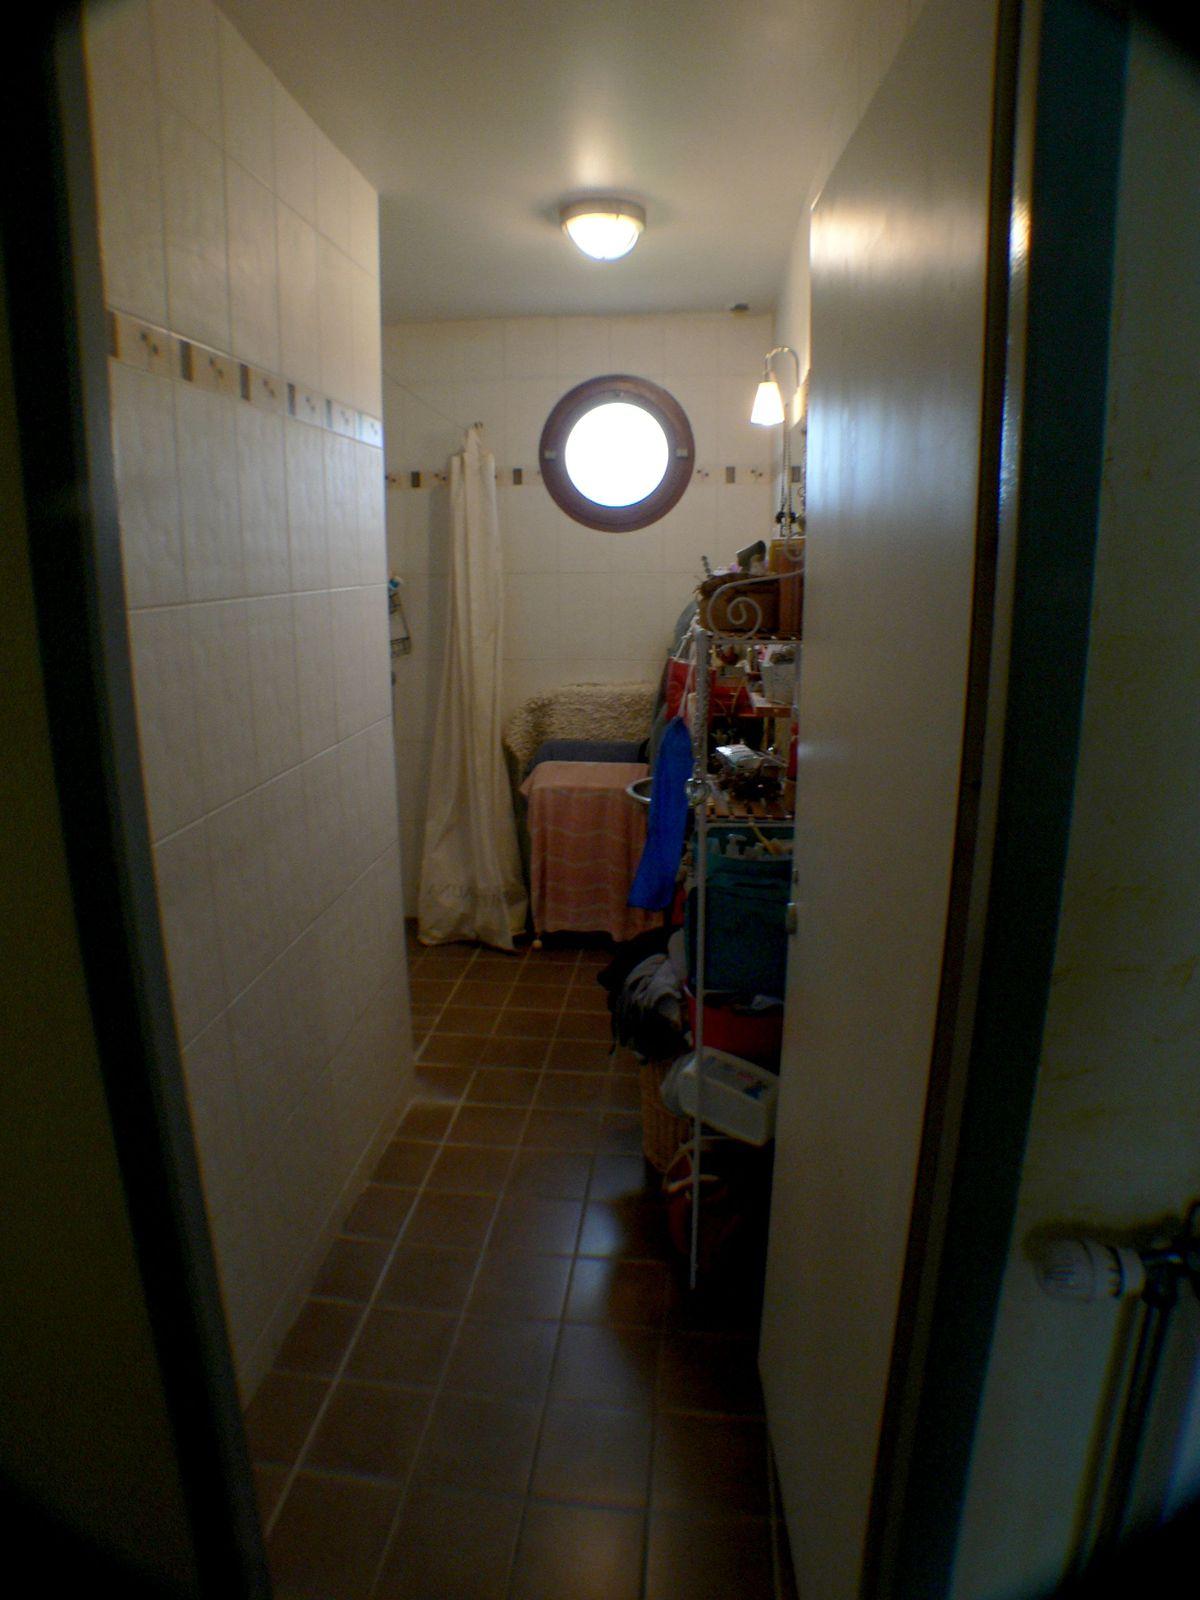 2009-11-16_ROULLET-Dch.Ita_Photos-01_1